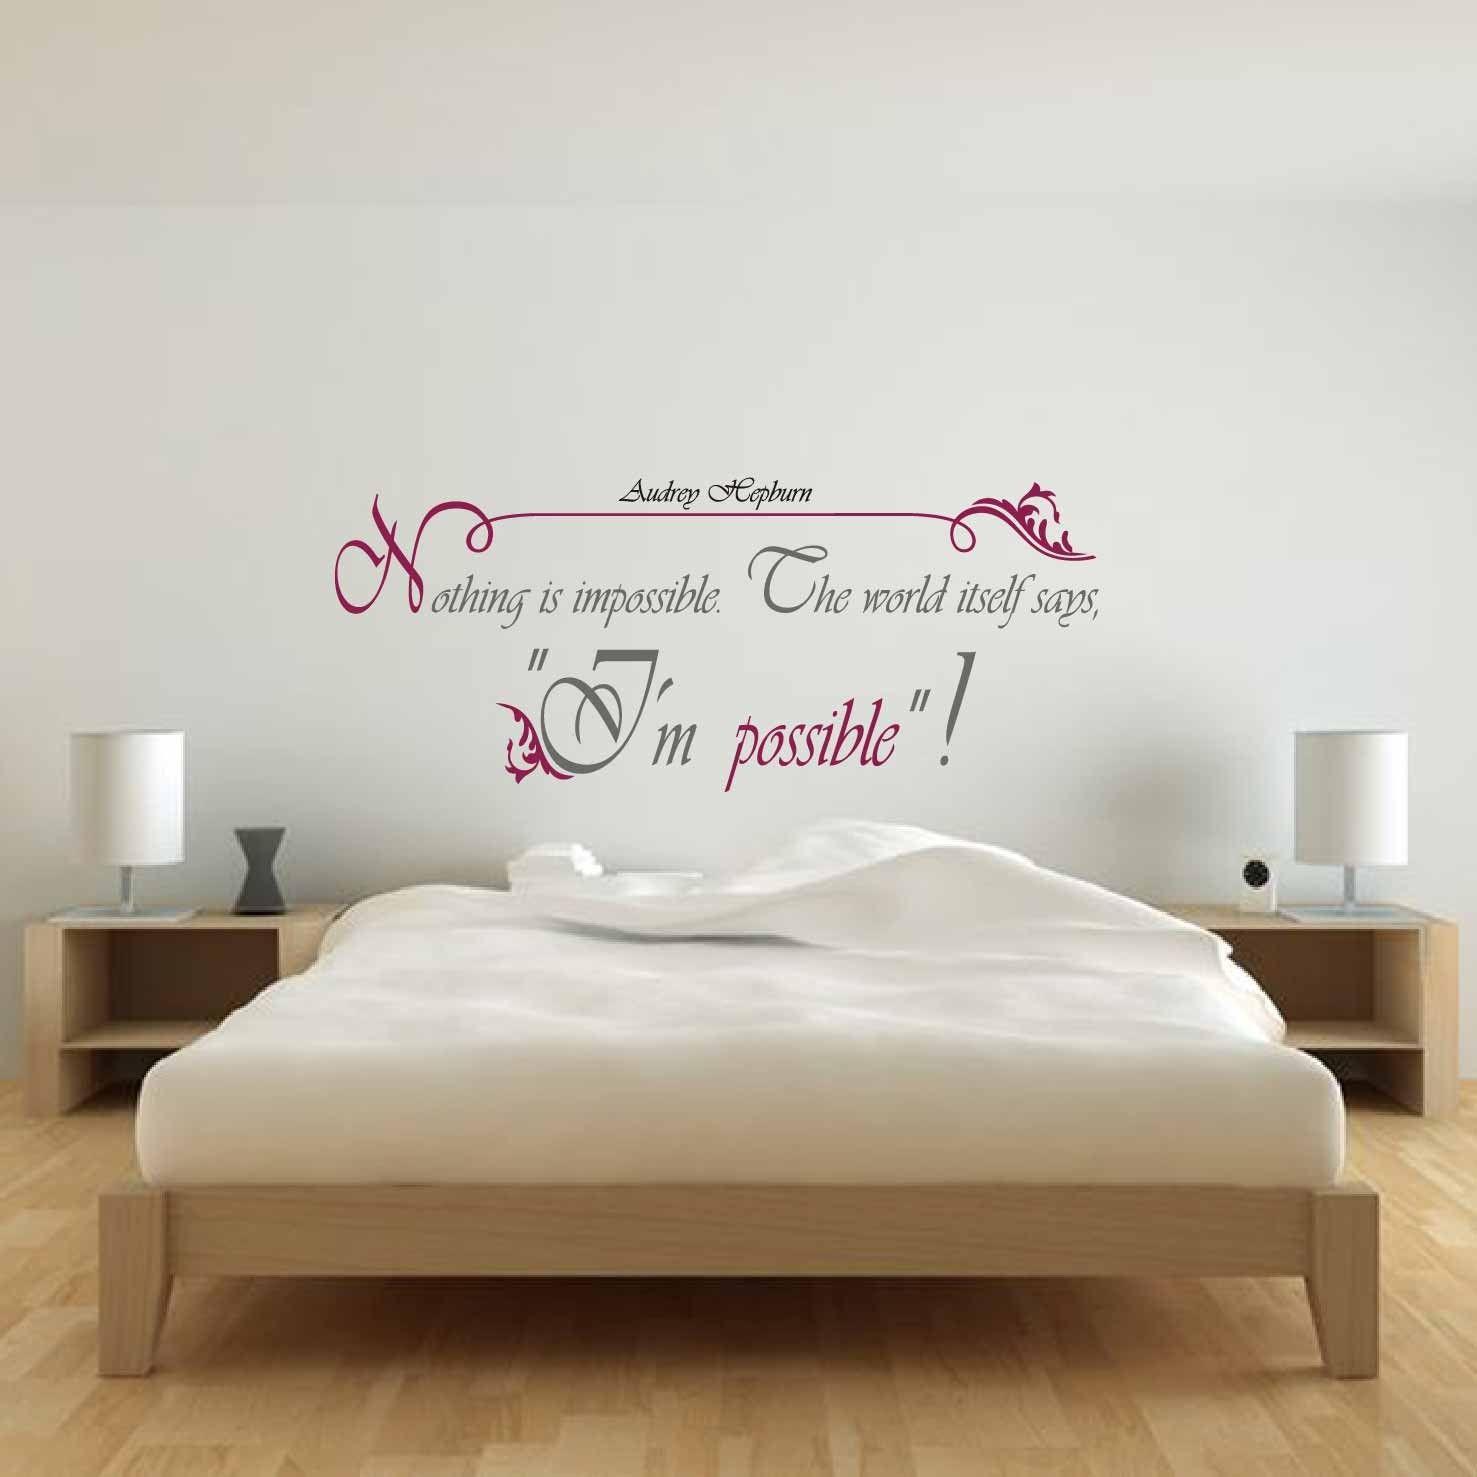 Vinilos decorativos cristianos buscar con google ideas for Vinilos de dormitorios